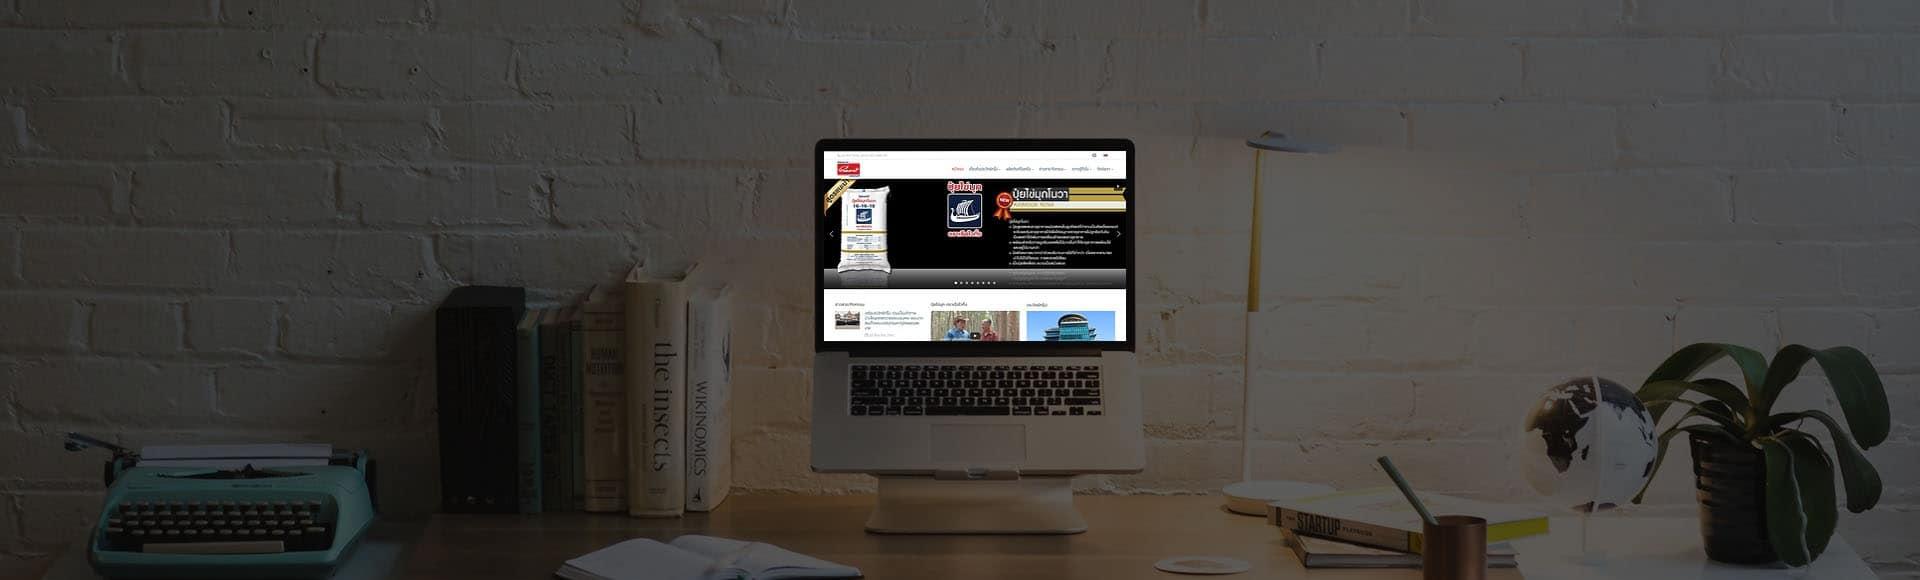 เว็บไซต์บริษัทปุ๋ย เว็บไซต์บริษัท   รับทำเว็บไซต์บริษัท คุณภาพดี